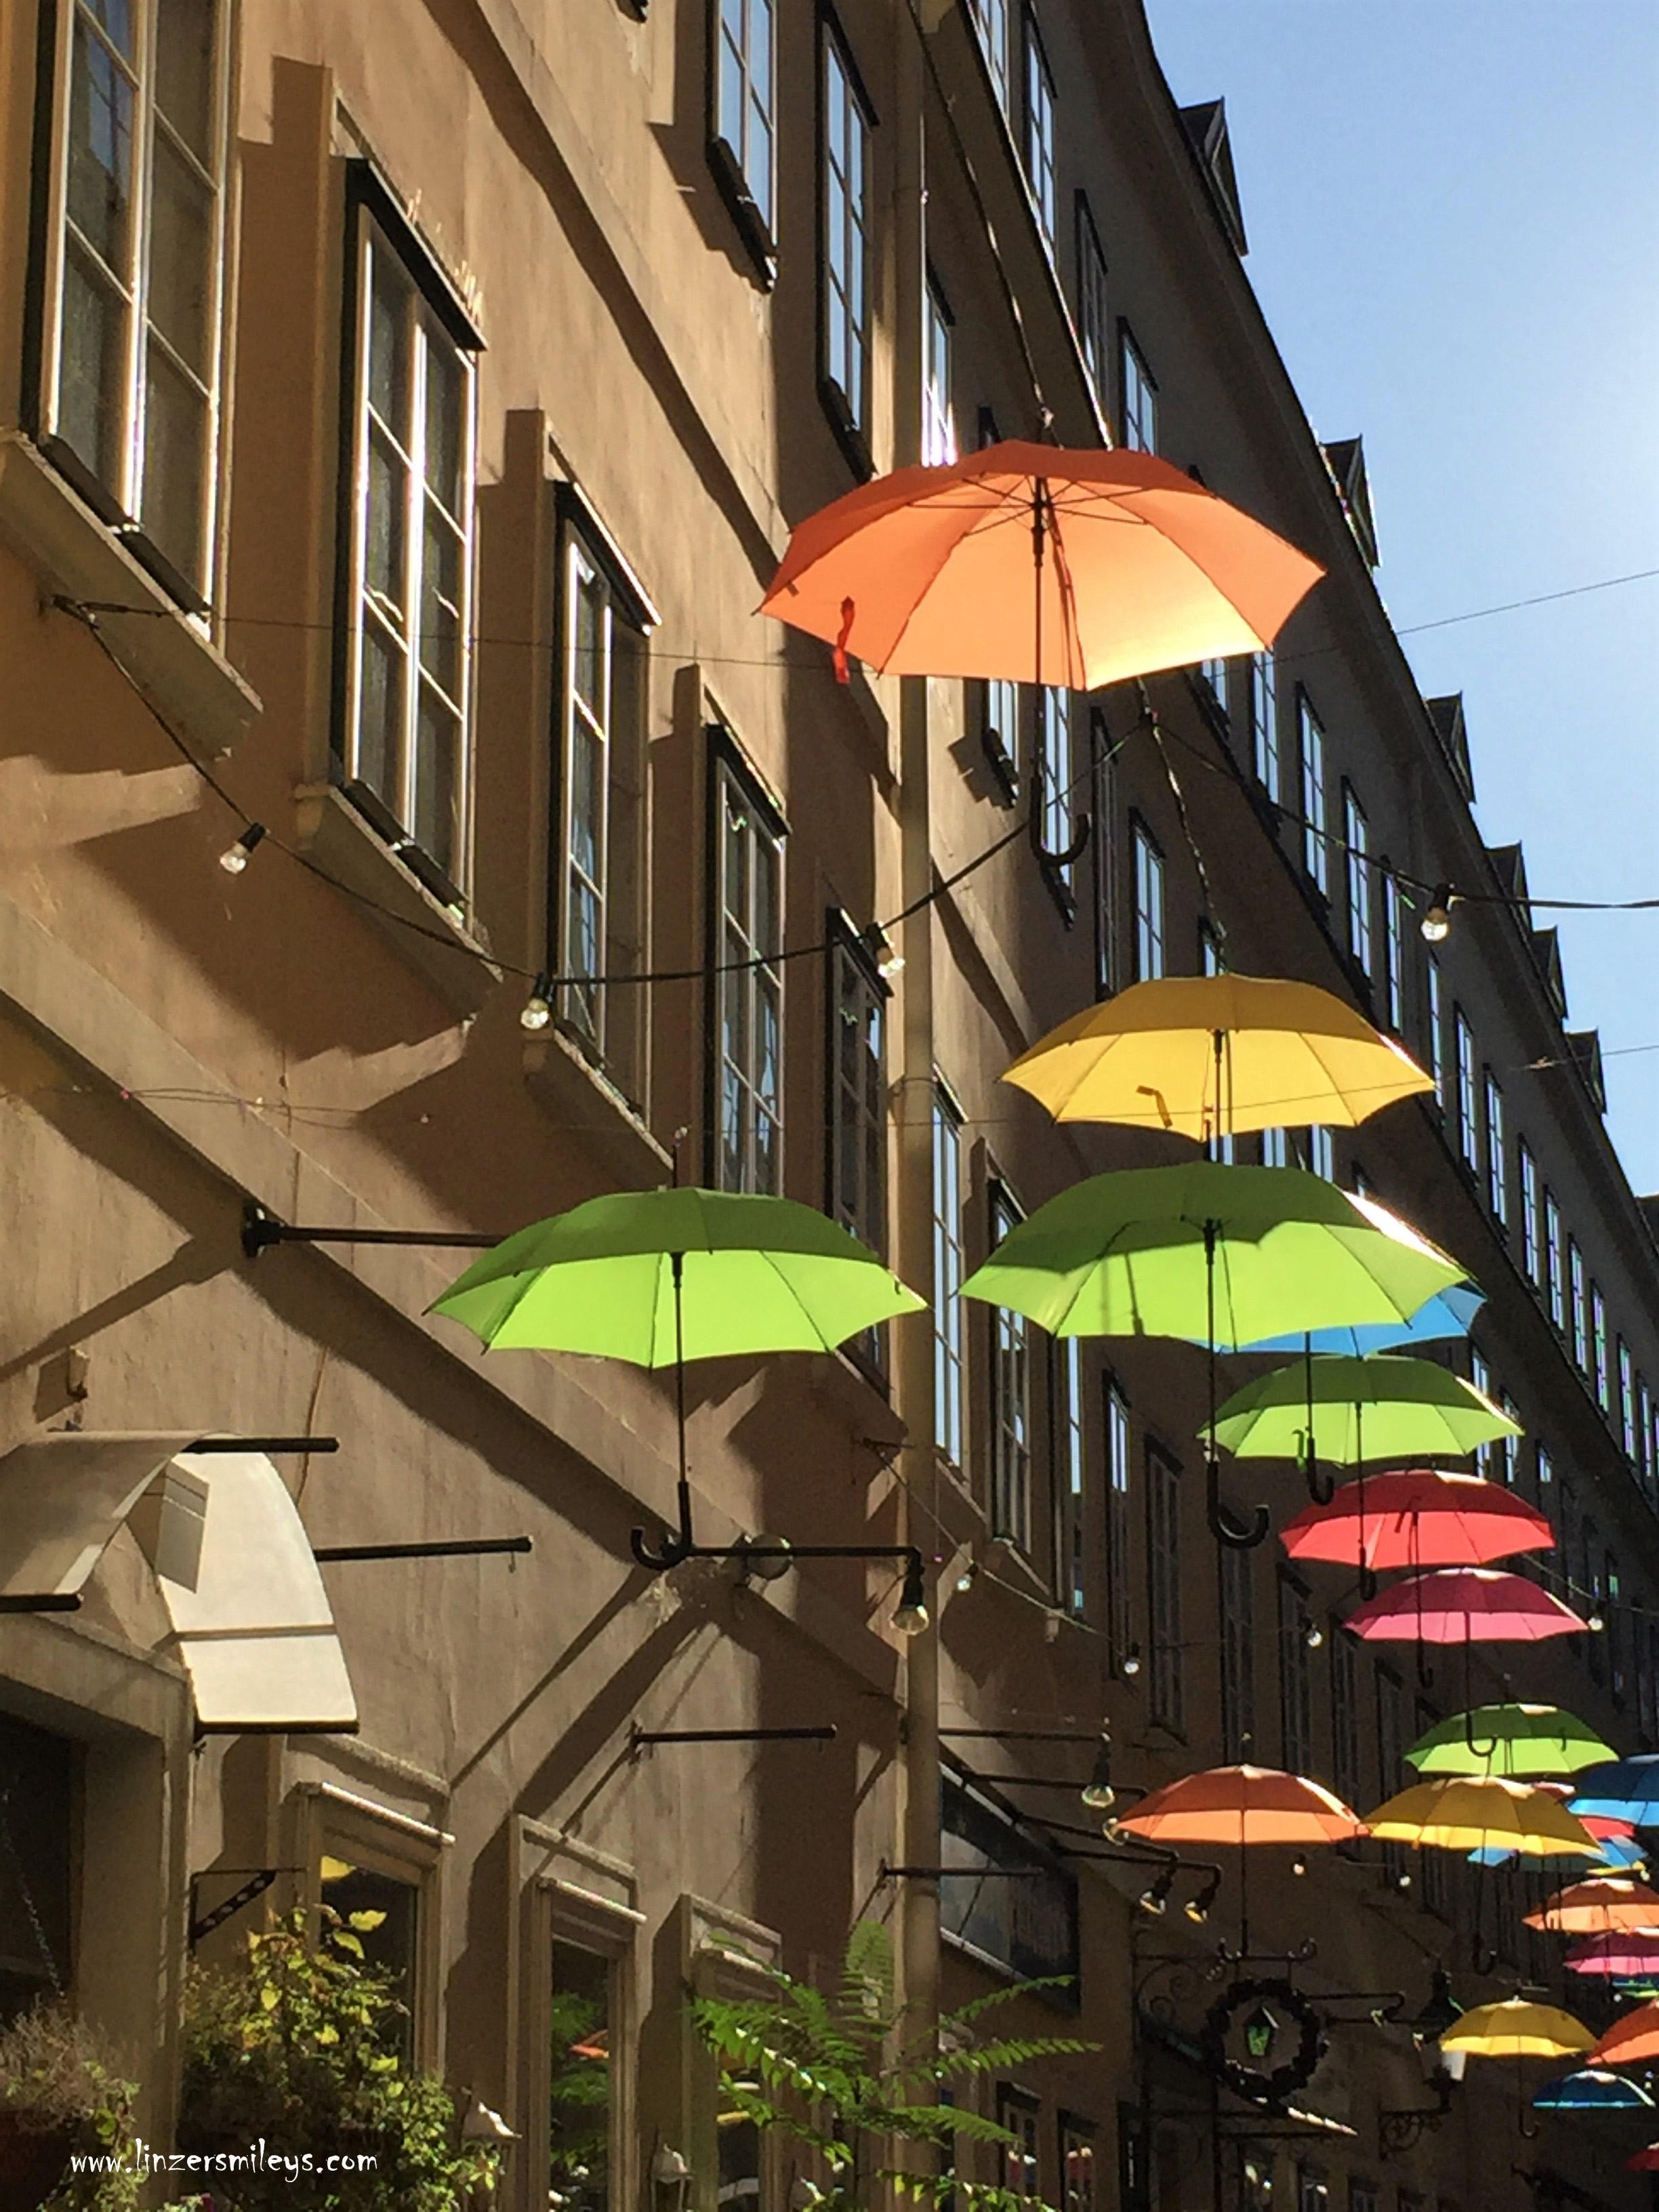 Regenschirme im Dritten, 3. Wiener Gemeindebezirk, Sonne und Regen, #linzersmileys Daniela Terenzi, Foodblog, Foodbloggerin, gebürtige Linzerin, aus Österreich, #Linz